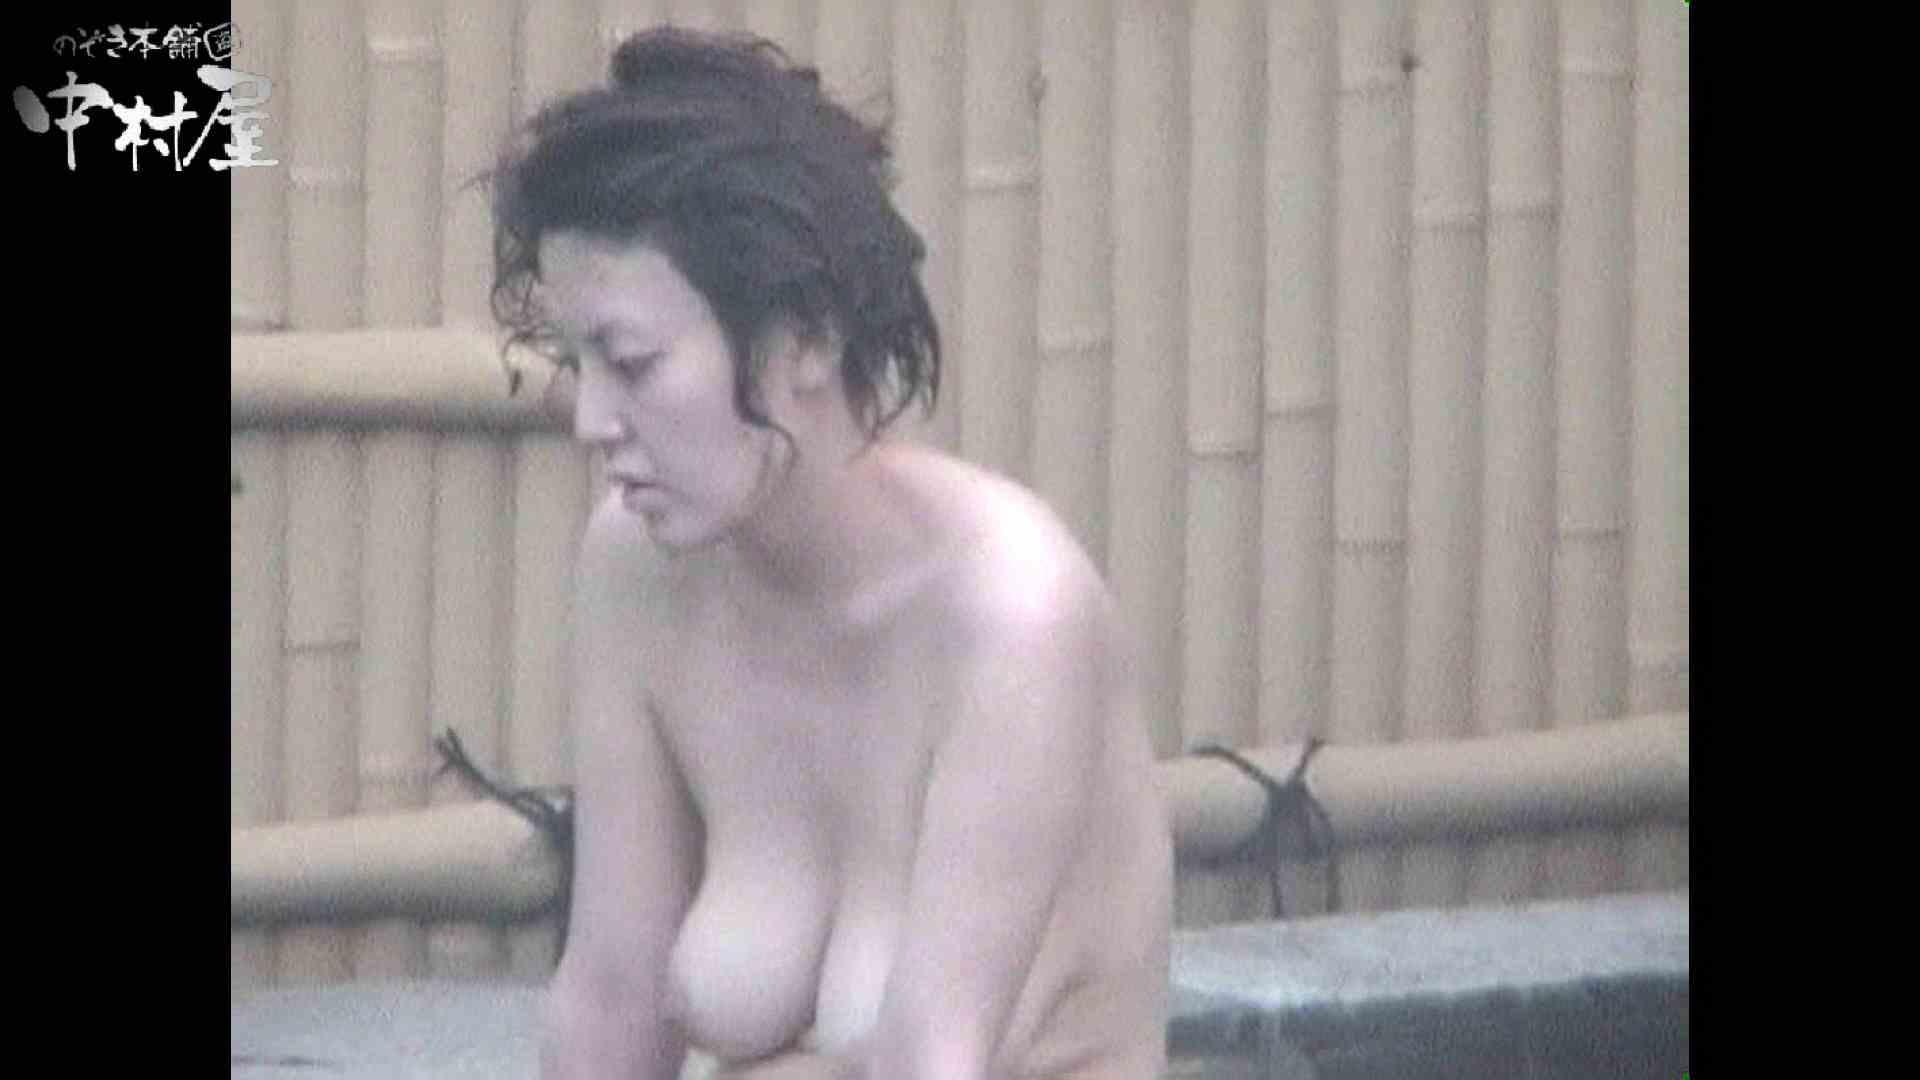 Aquaな露天風呂Vol.959 女体盗撮  101連発 18